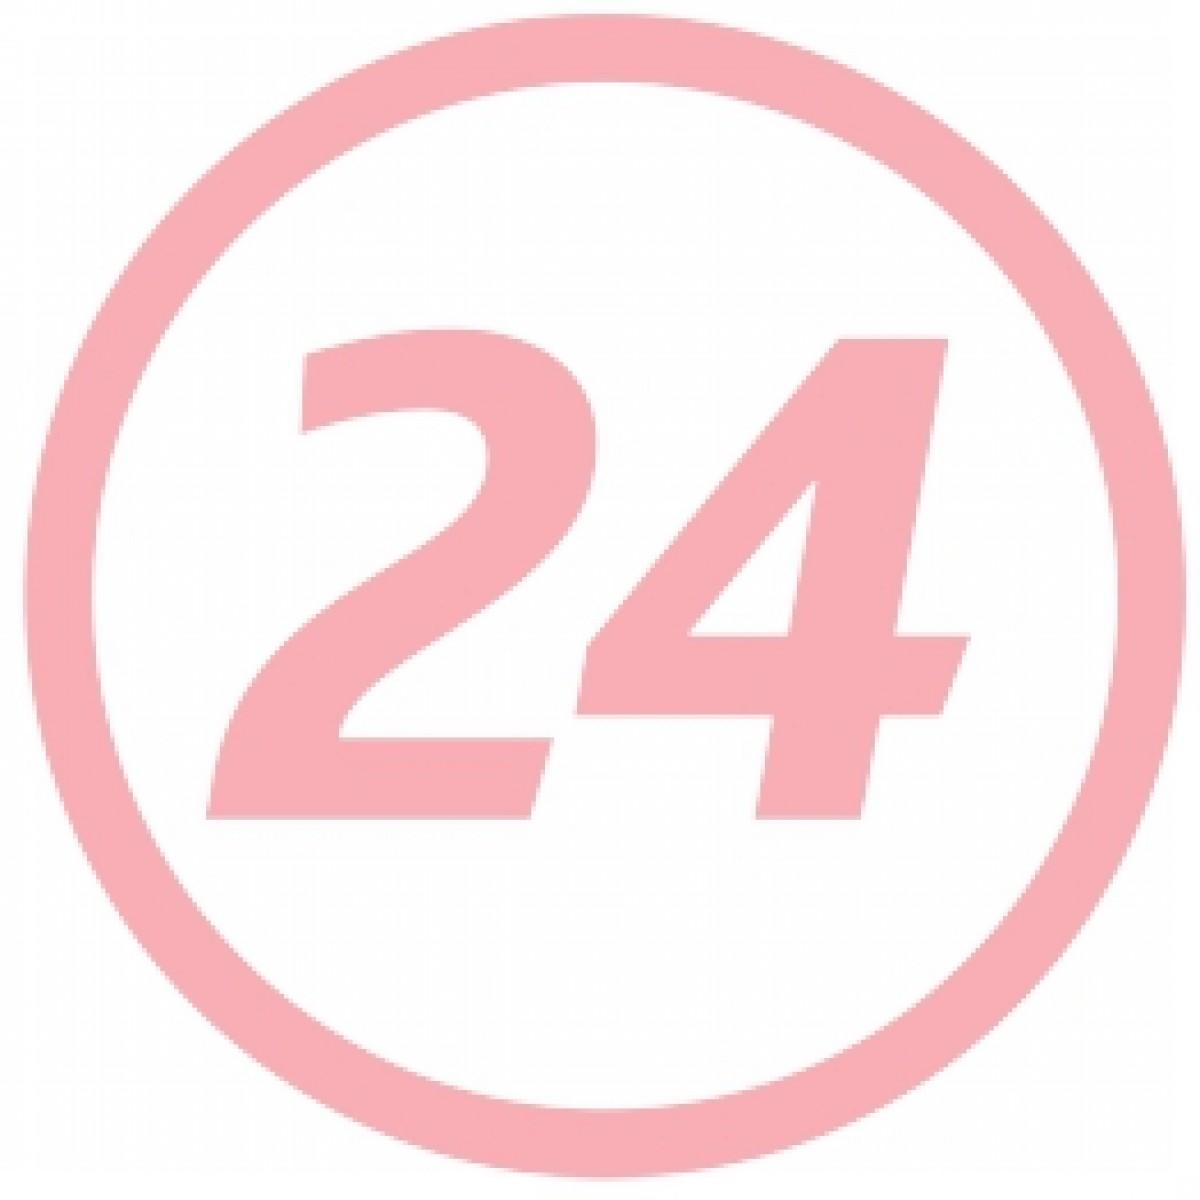 Medifit Sterilizator Portabil Pentru Suzeta, Sterilizator, 1buc